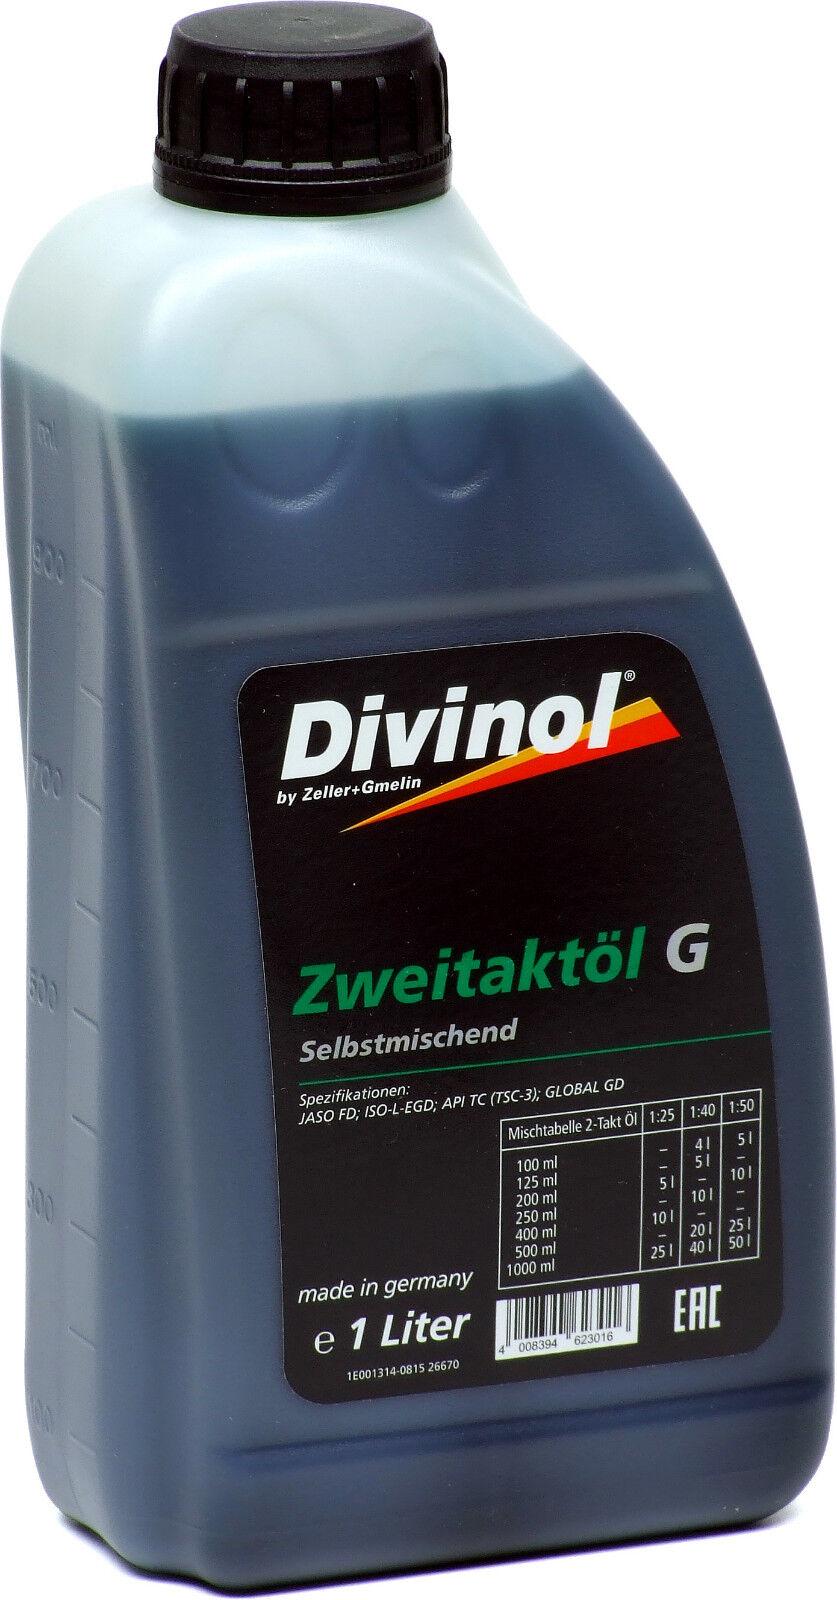 Divinol Zweitaktöl G 1 Liter grün raucharm Kettensäge Fadenmäher Motorsense 1L